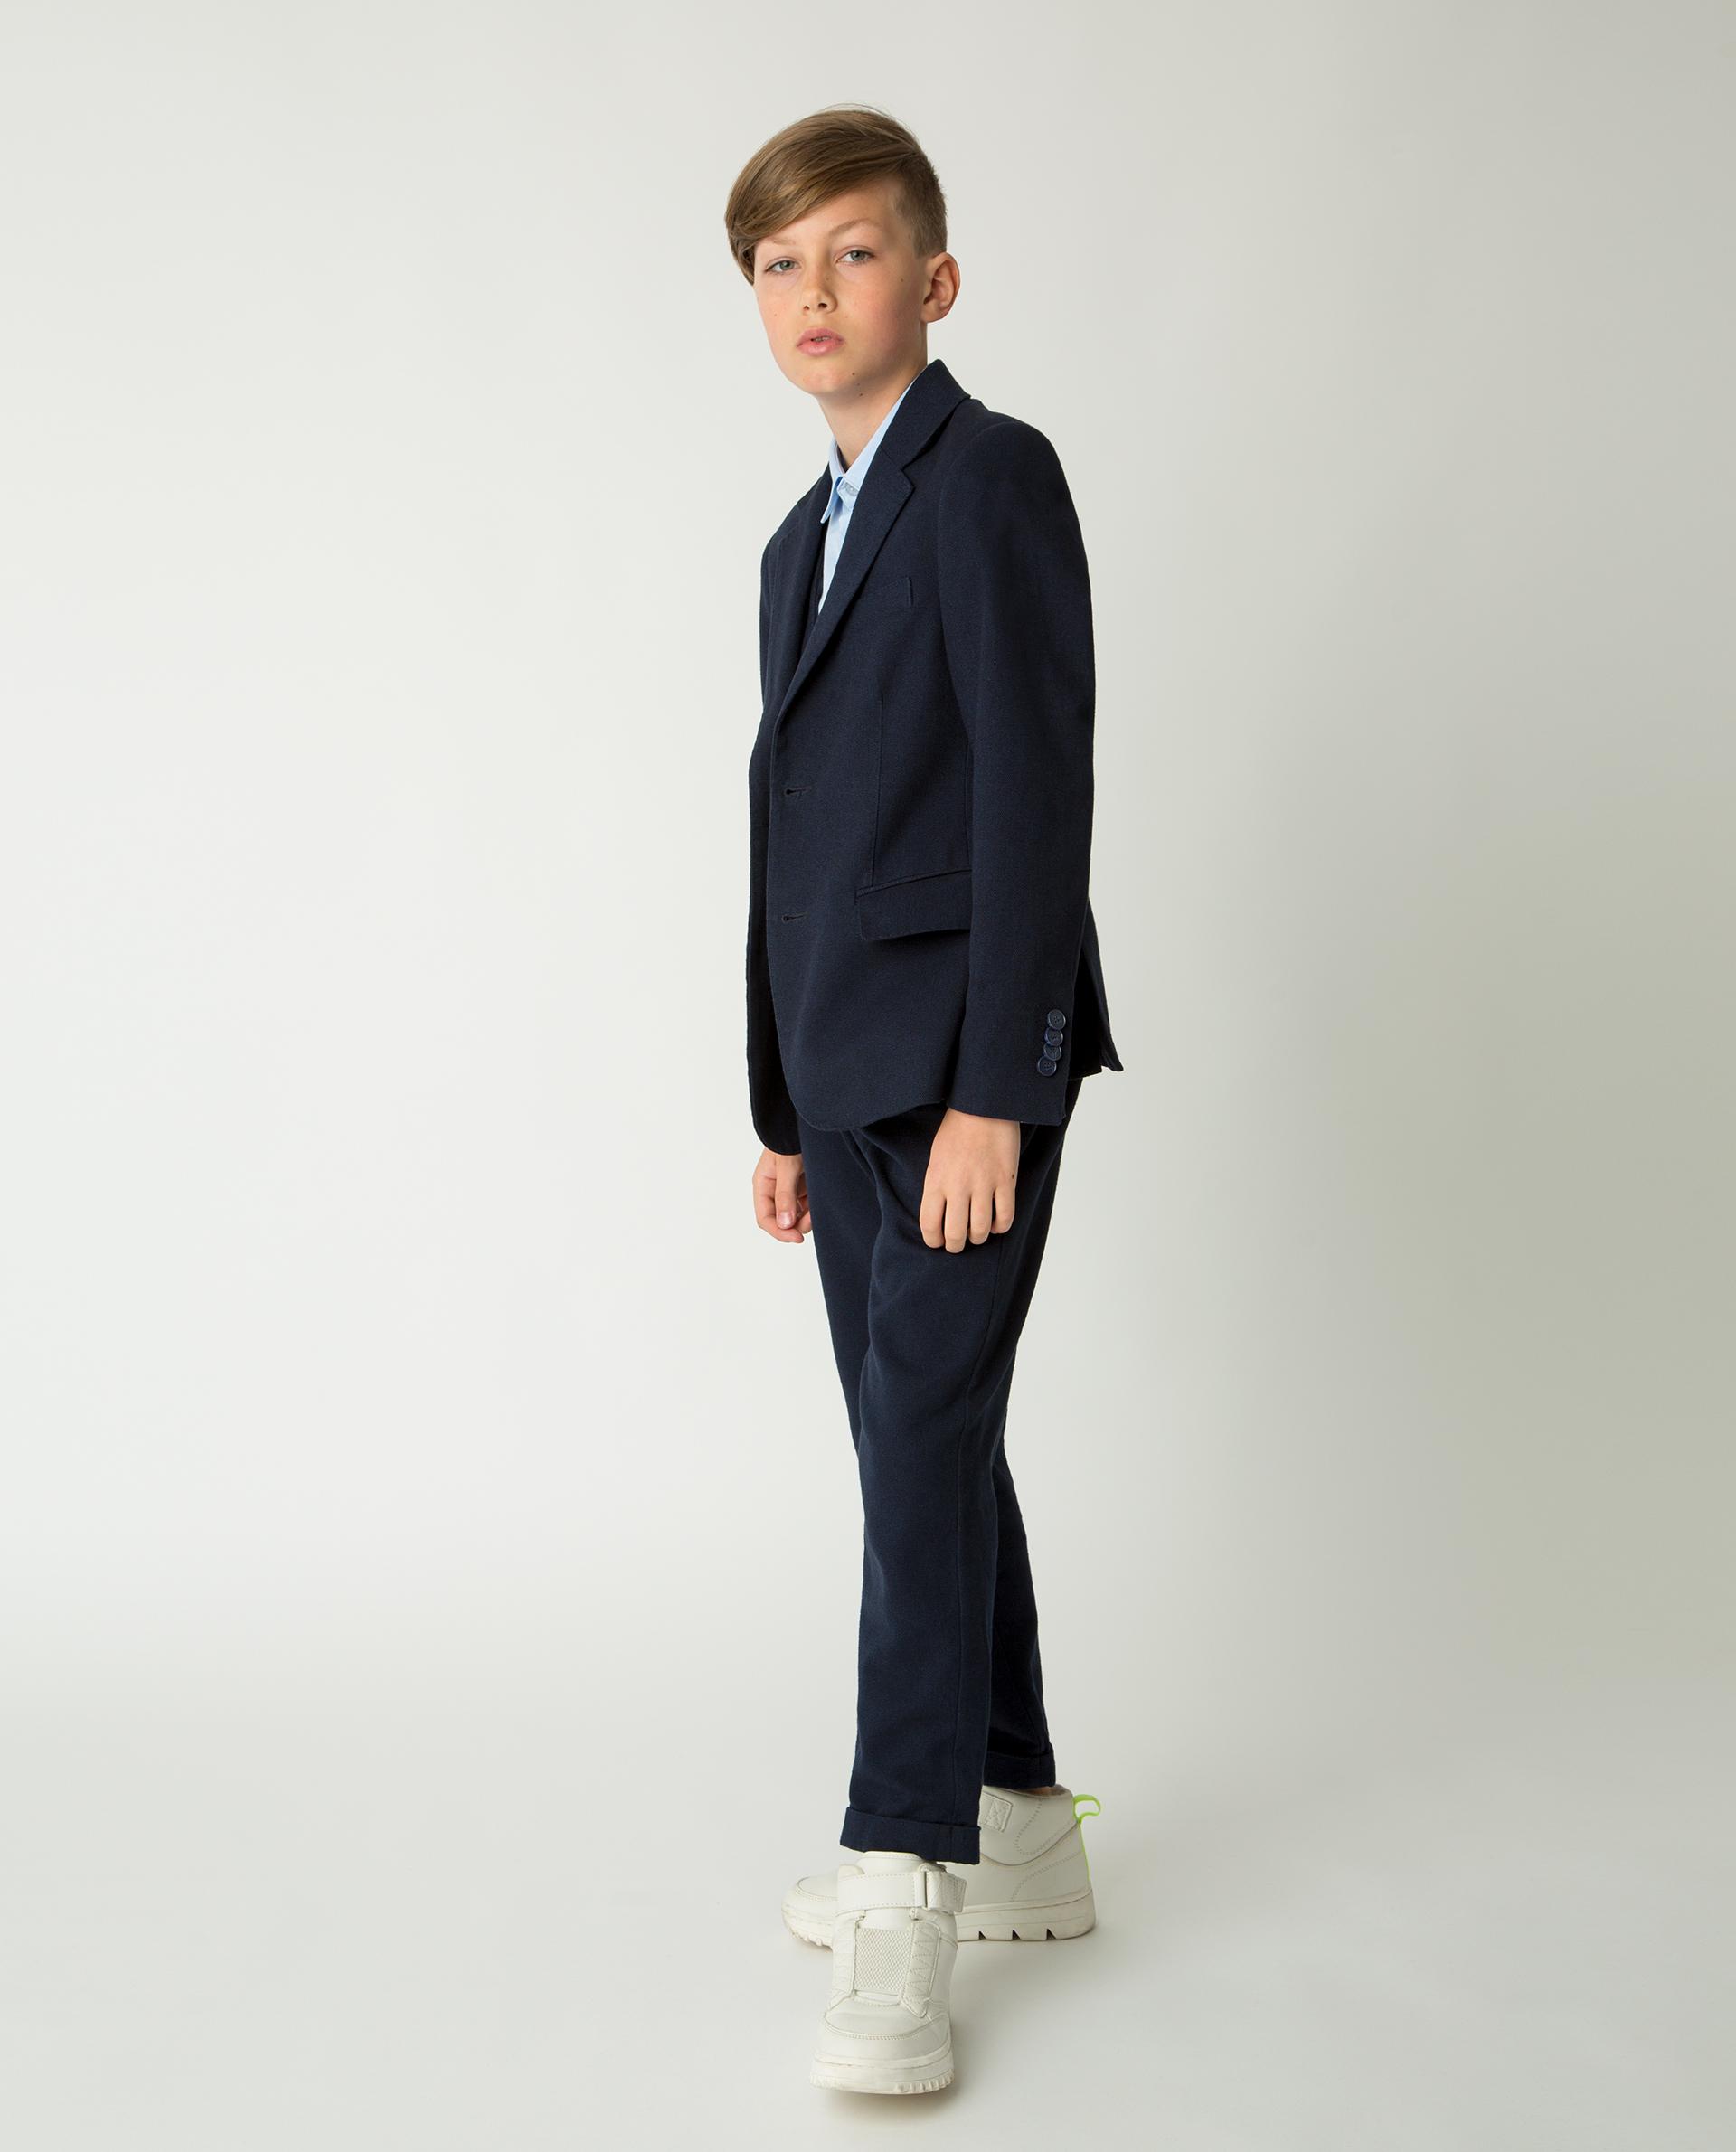 Купить 220GSBC4802, Синий пиджак Gulliver, синий, 146, Мужской, Демисезон, ШКОЛЬНАЯ ФОРМА 2020-2021 (shop: GulliverMarket Gulliver Market)